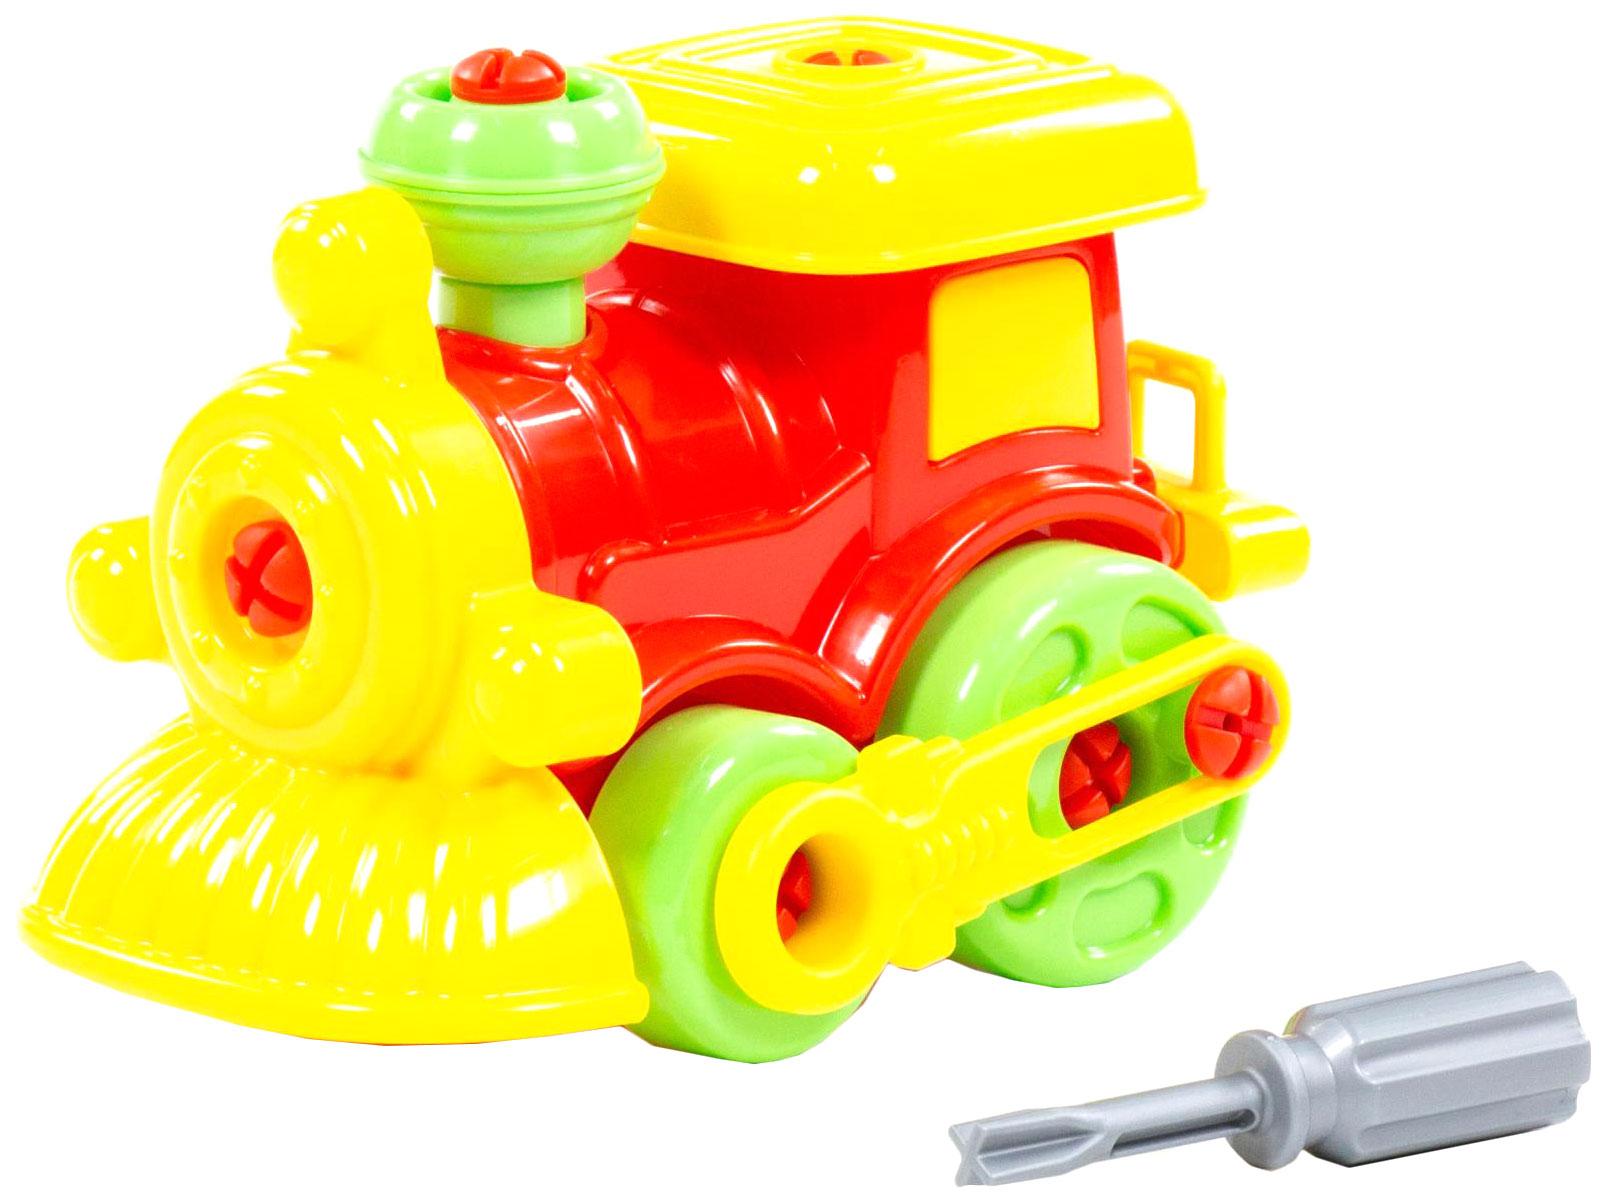 Купить Конструктор пластиковый Полесье Паровозик 4601622, Конструкторы пластмассовые